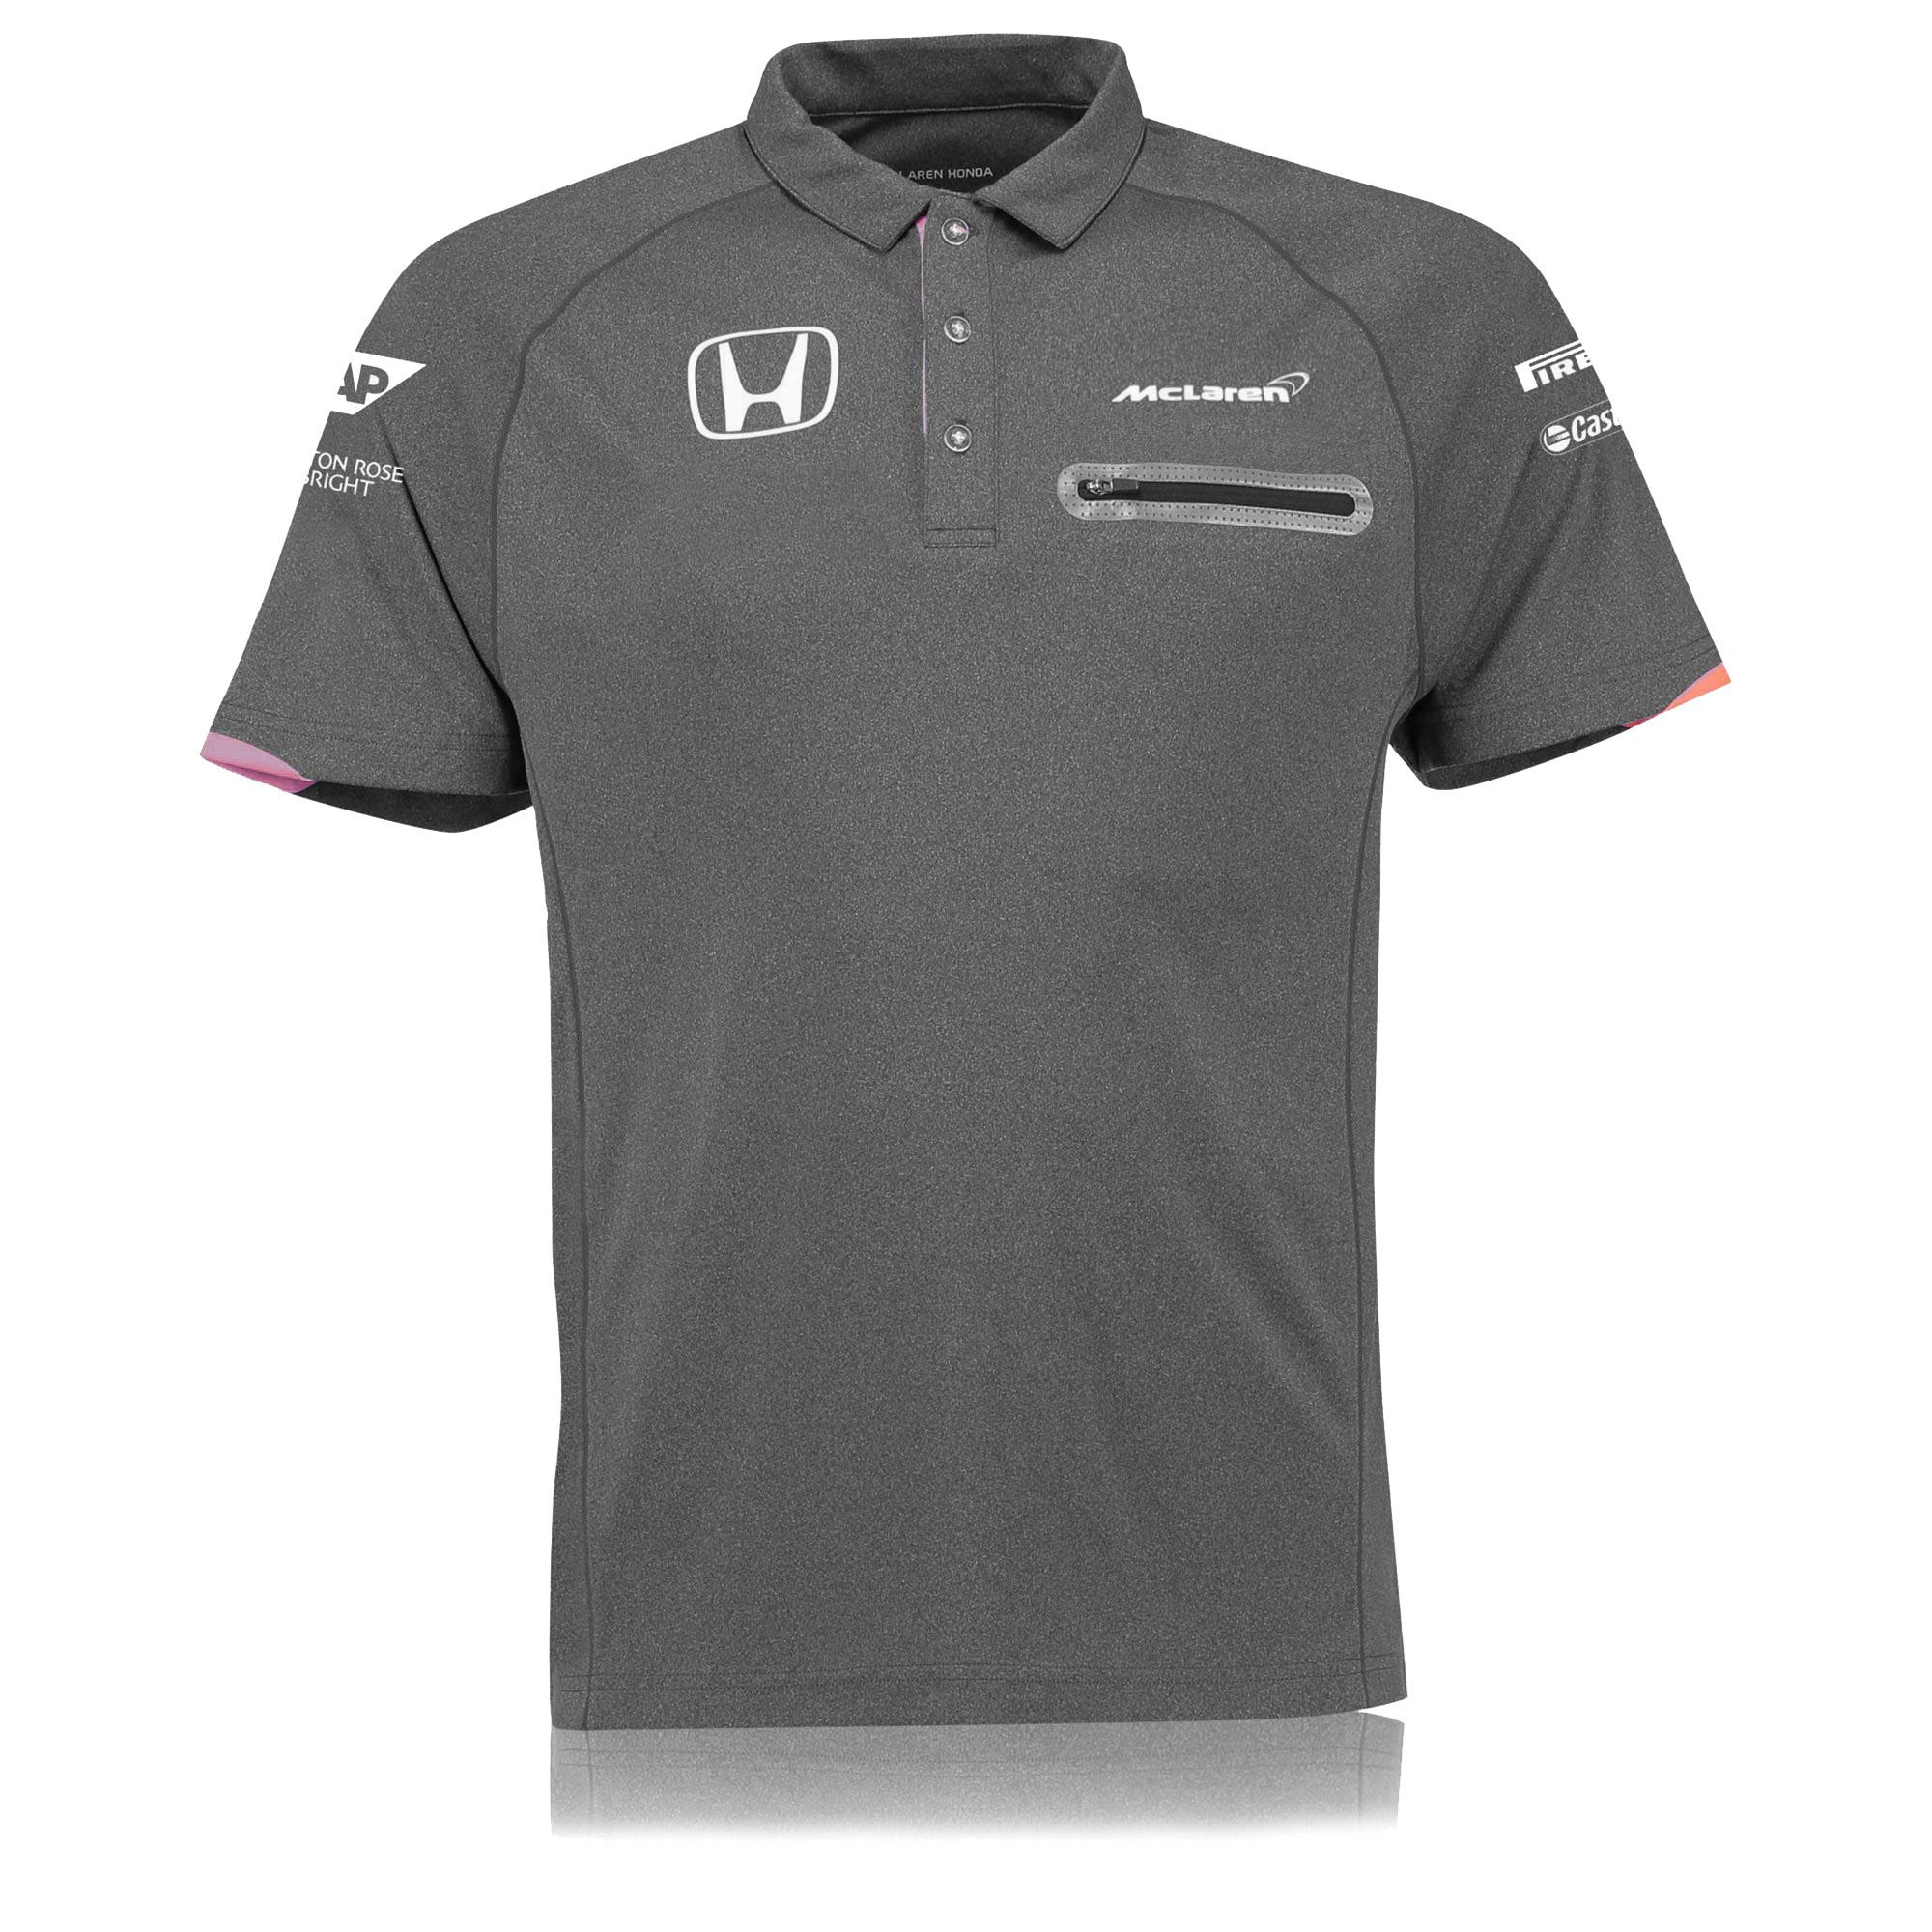 McLaren Honda Official 2017 Team Polo